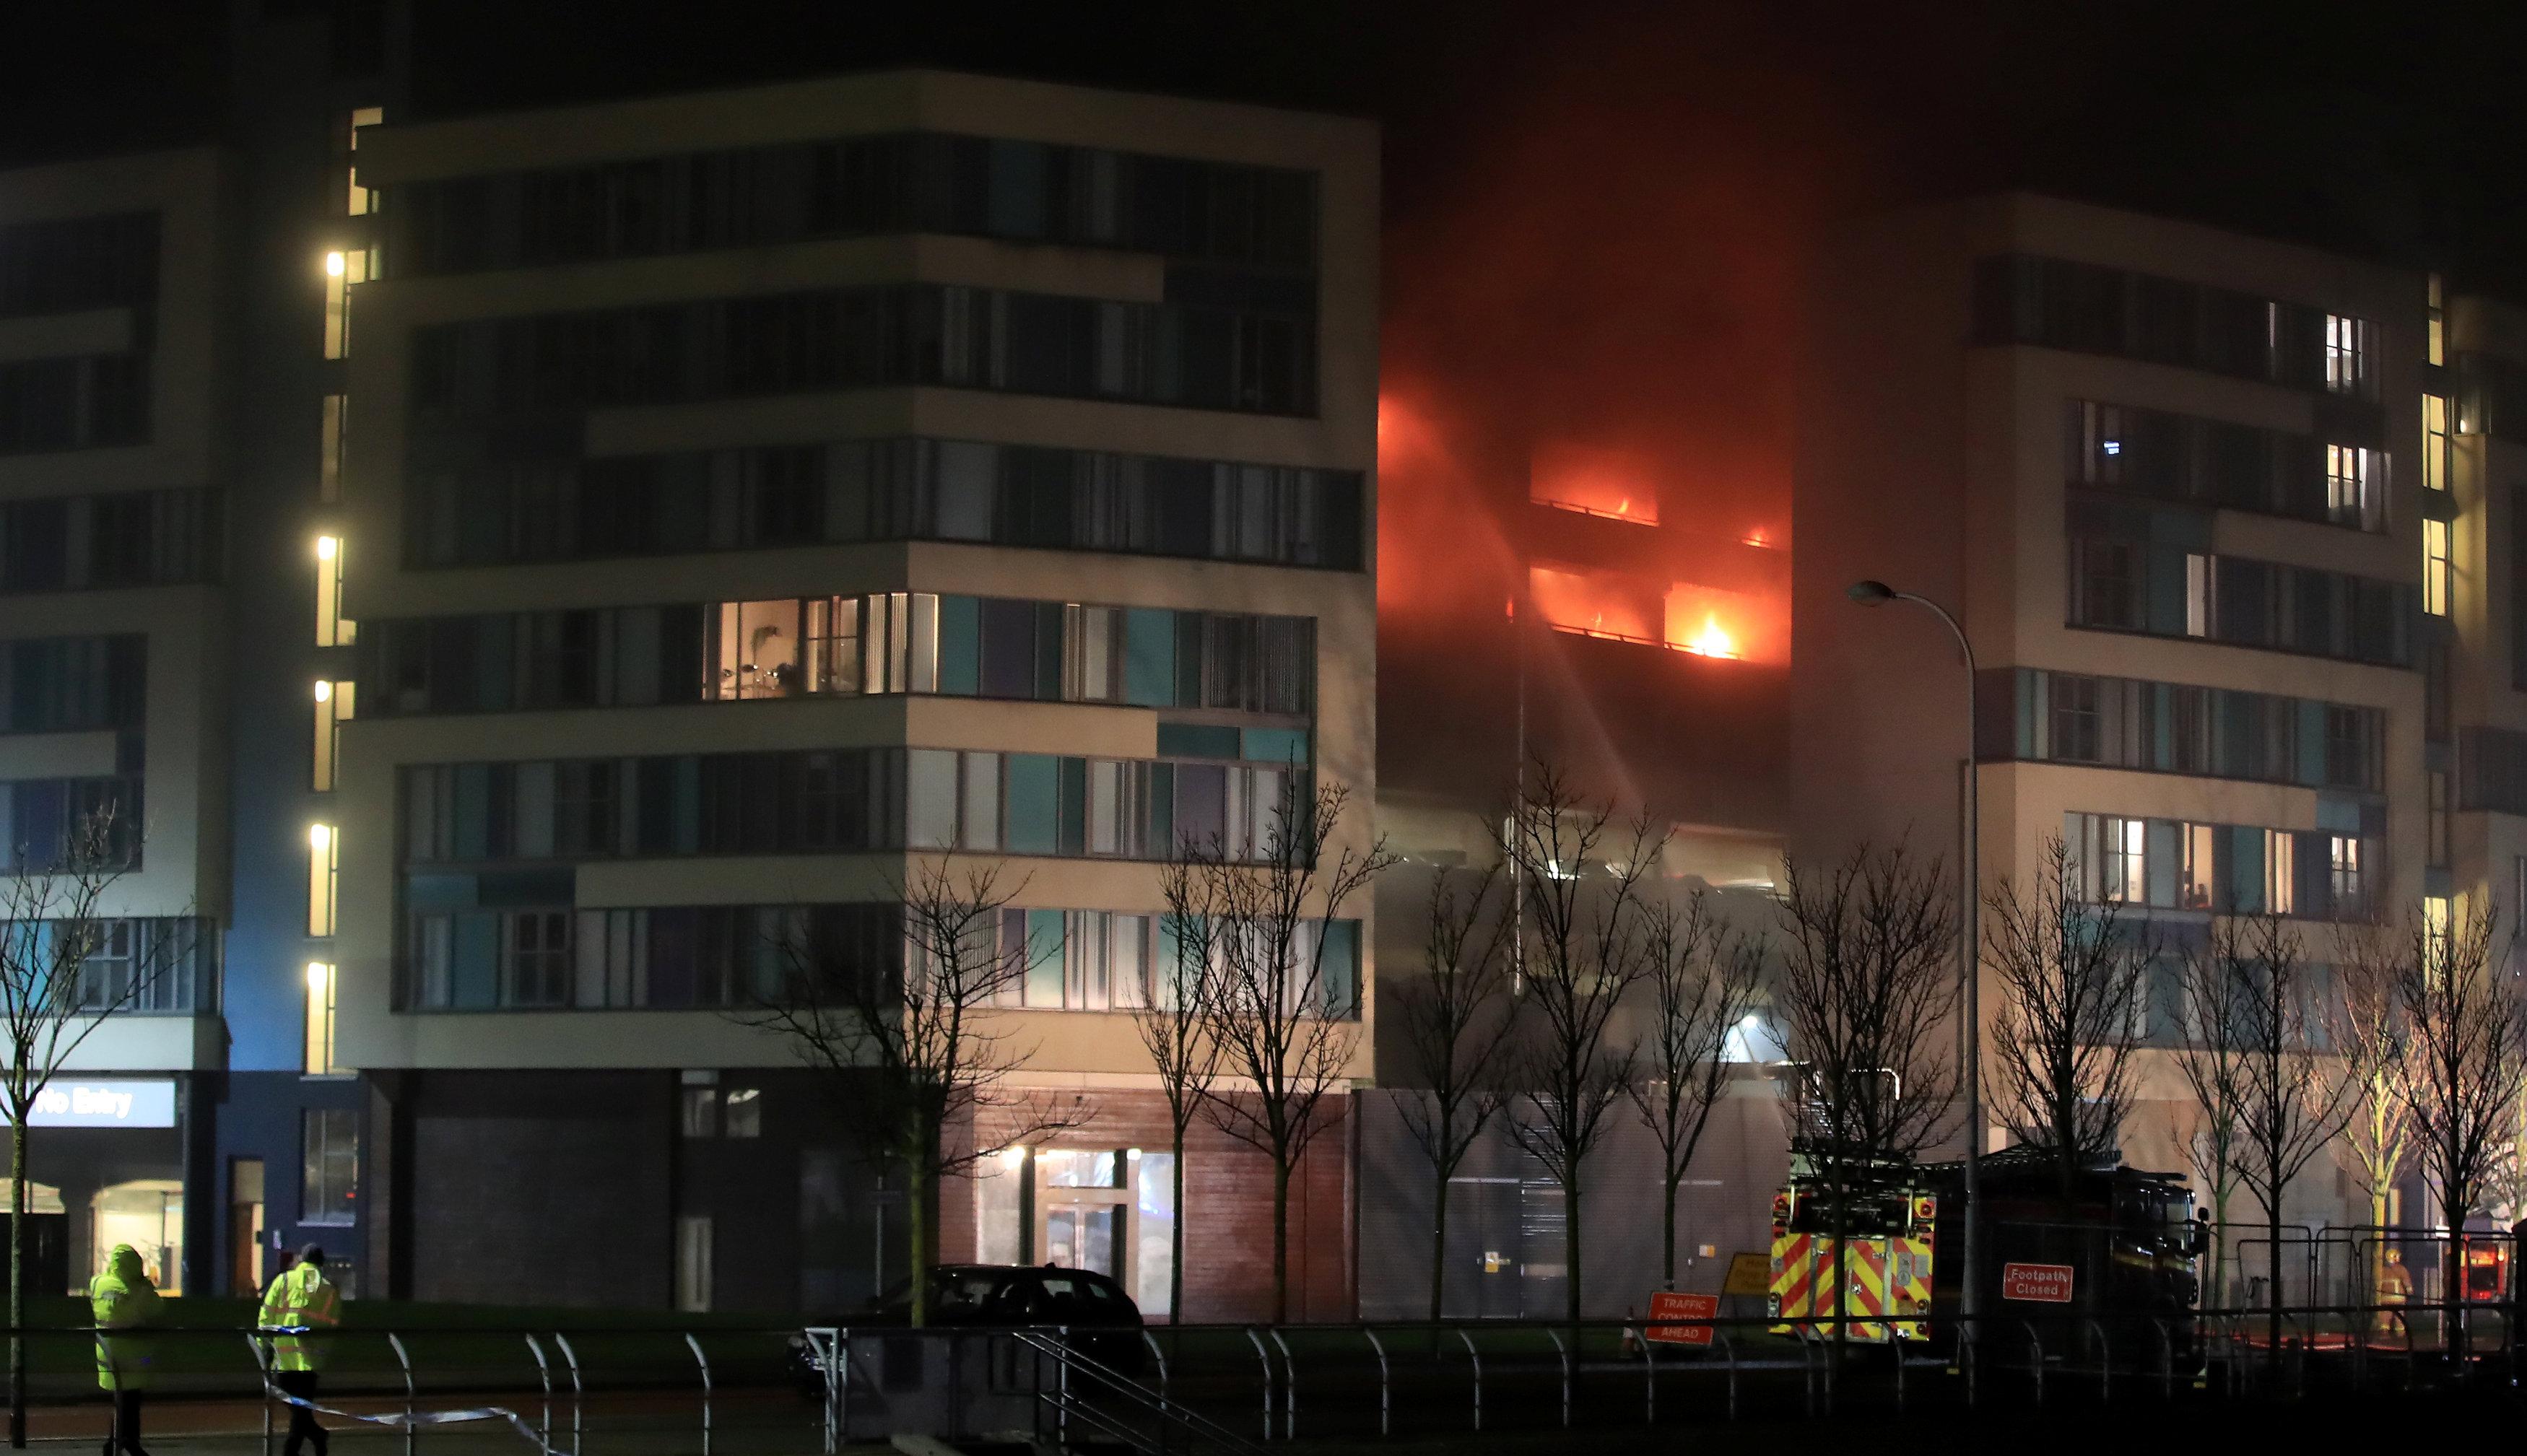 Cientos de autos calcinados por incendio en edificio de estacionamientos en Liverpool